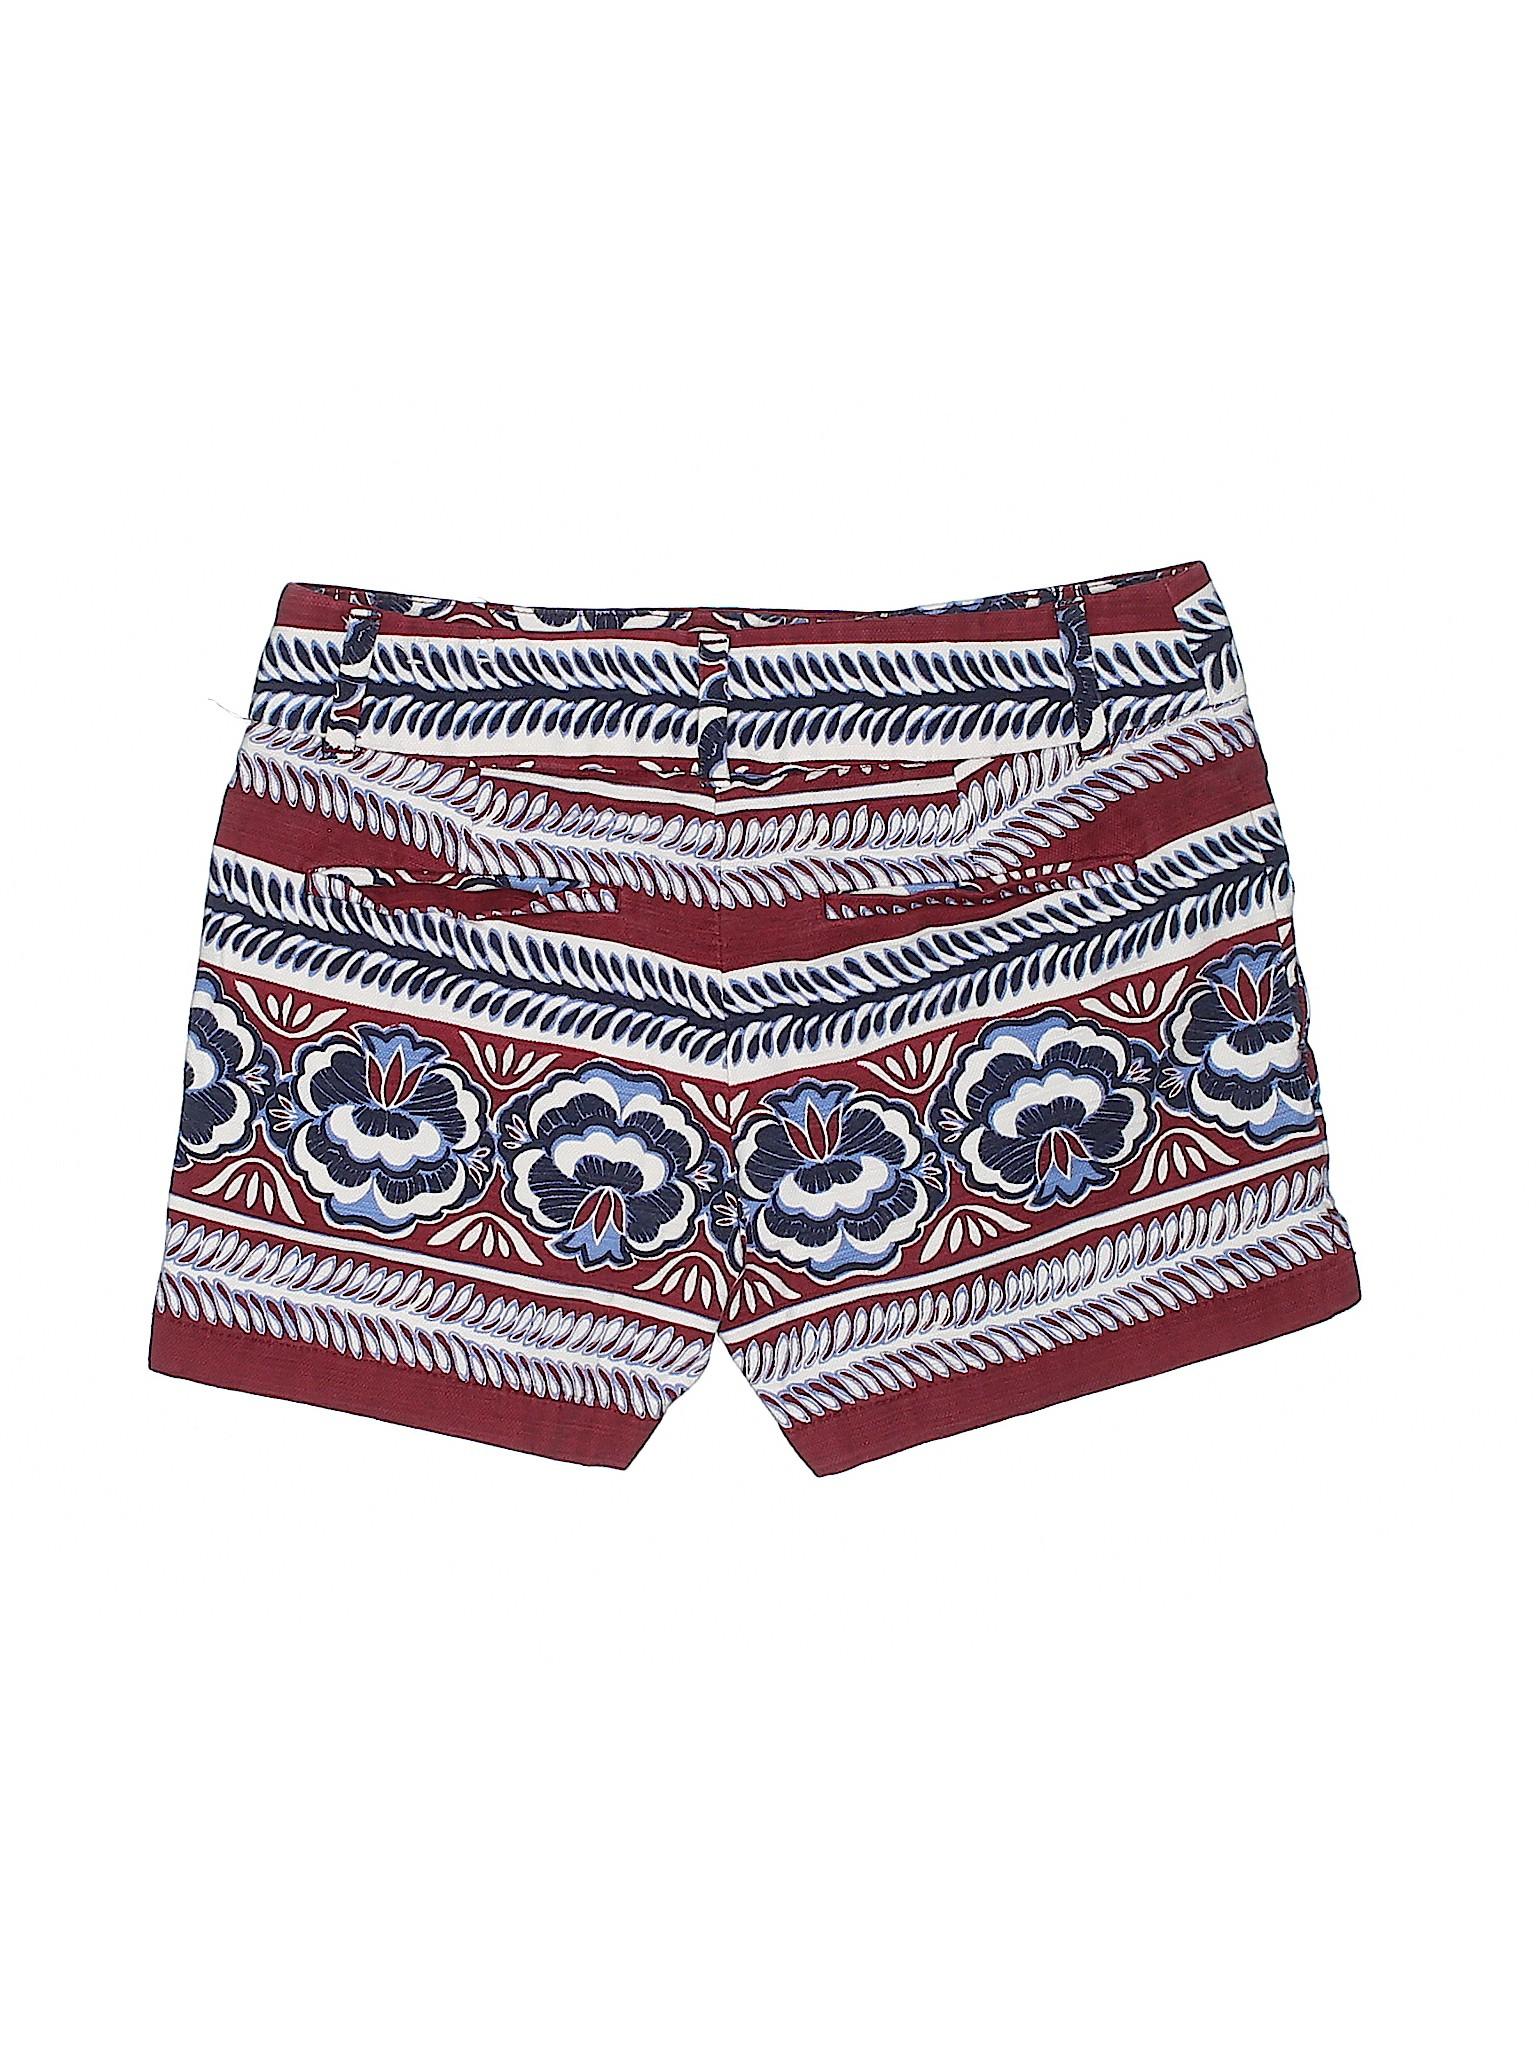 Shorts Boutique Boutique Ann Taylor Ann LOFT P0qXqr4pwx